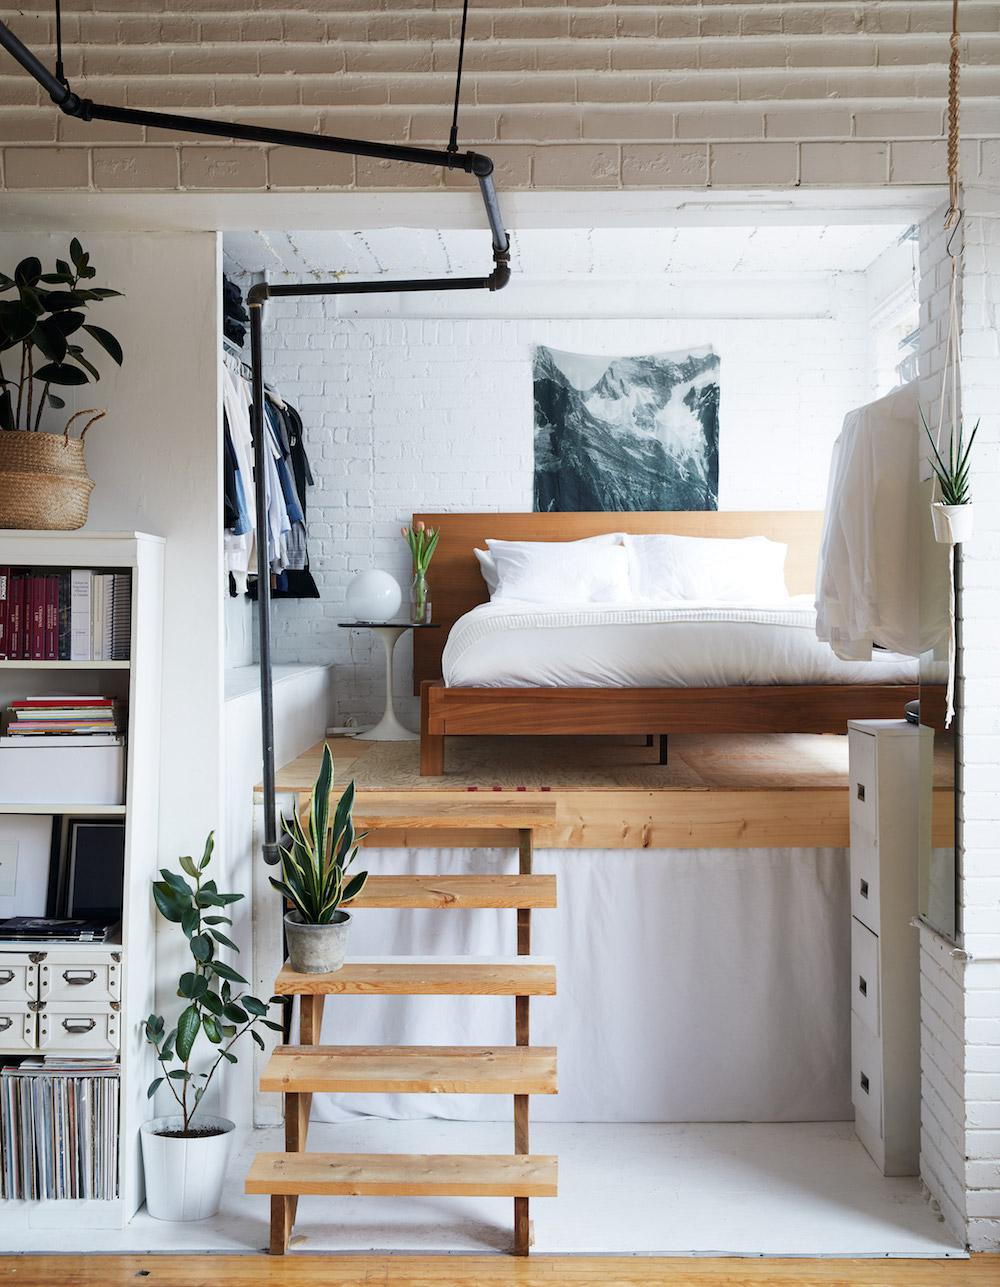 Speelse entresol slaapkamer van Chelsea en Ryan | Slaapkamer ideeën